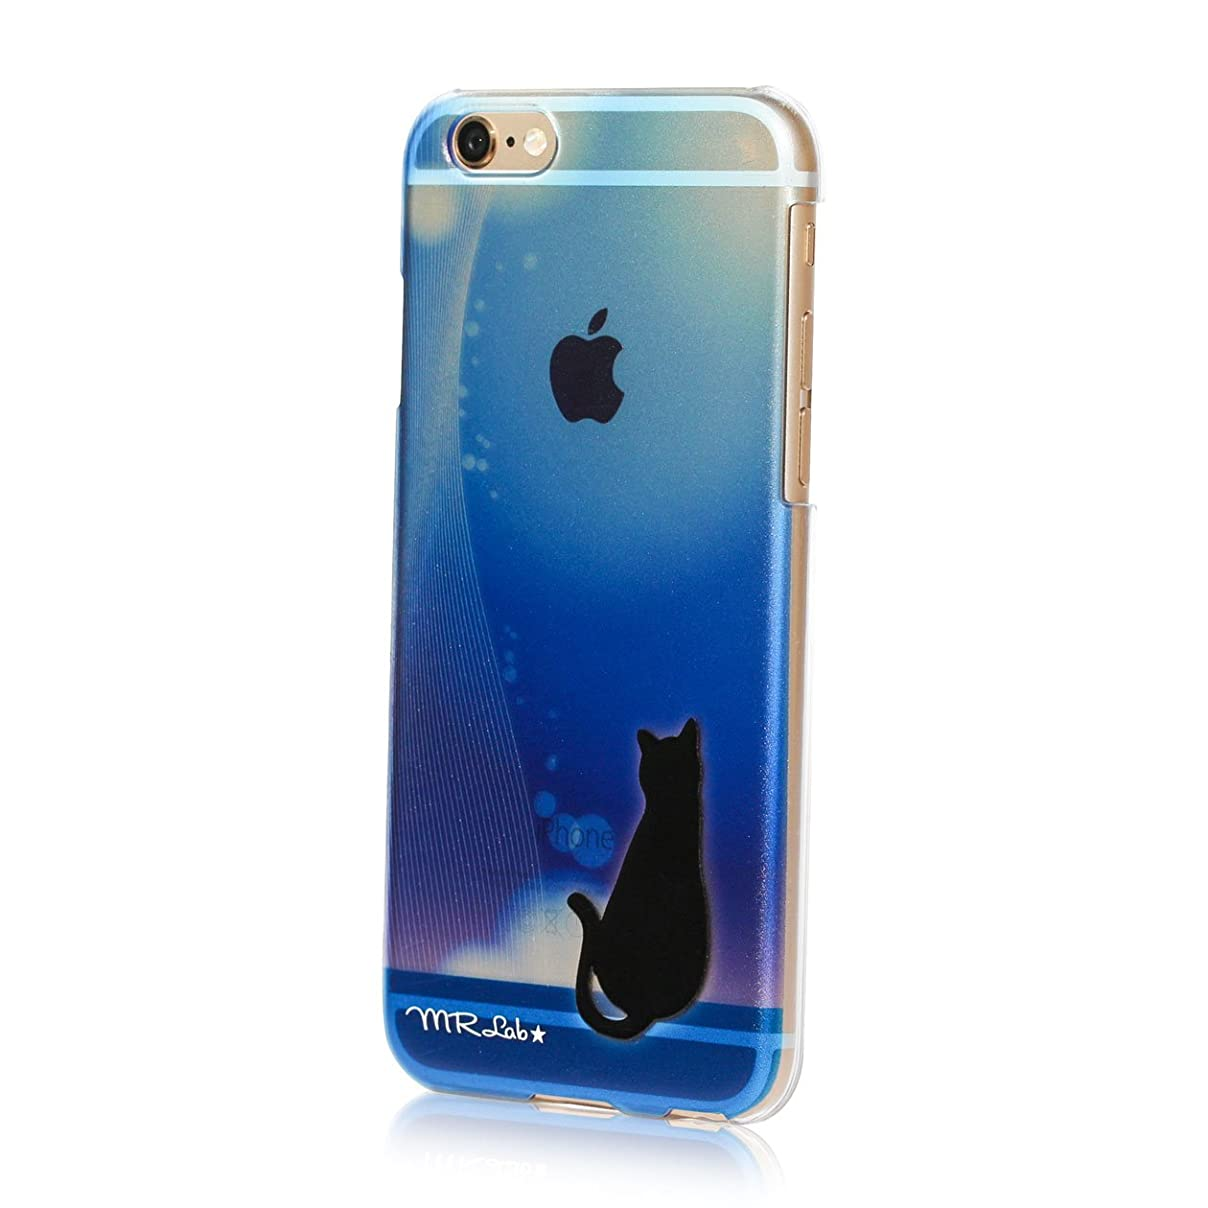 詐欺師デクリメント羽MRLab iPhone6sケース 青 黒猫 グラデーション